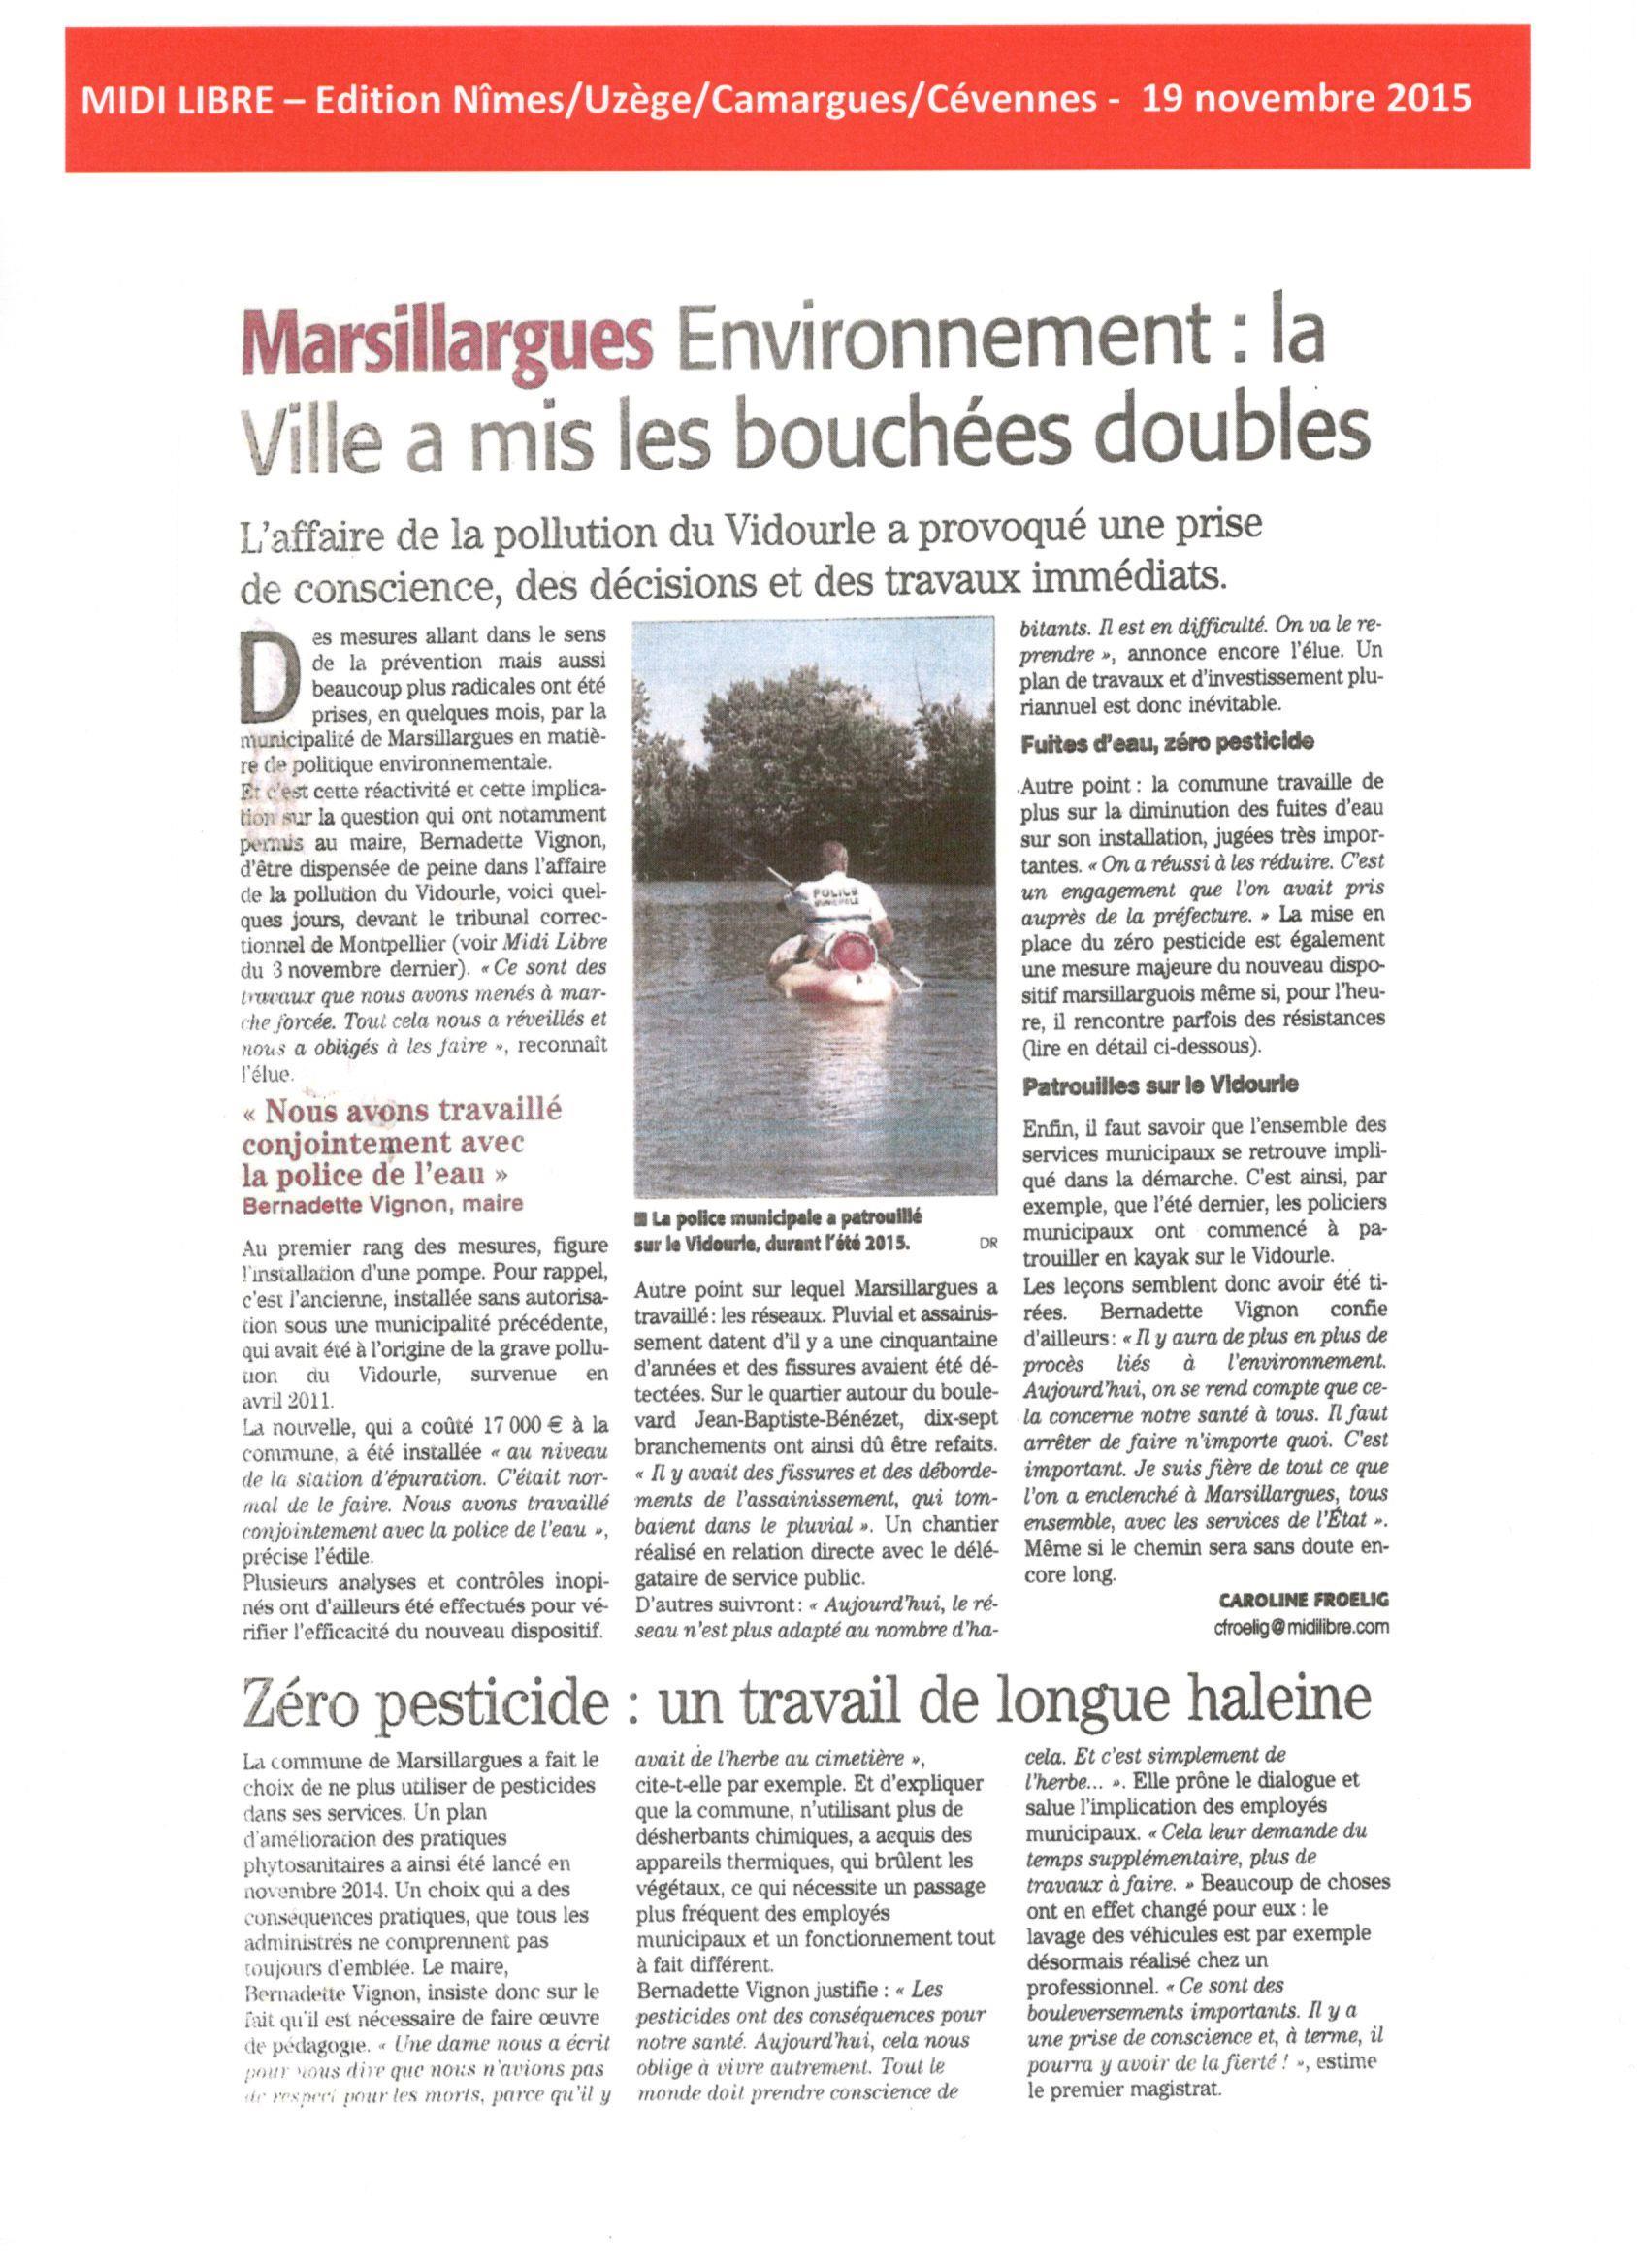 Marsillargues : une commune engagée contre la pollution du Vidourle et pour un avenir sans pesticides